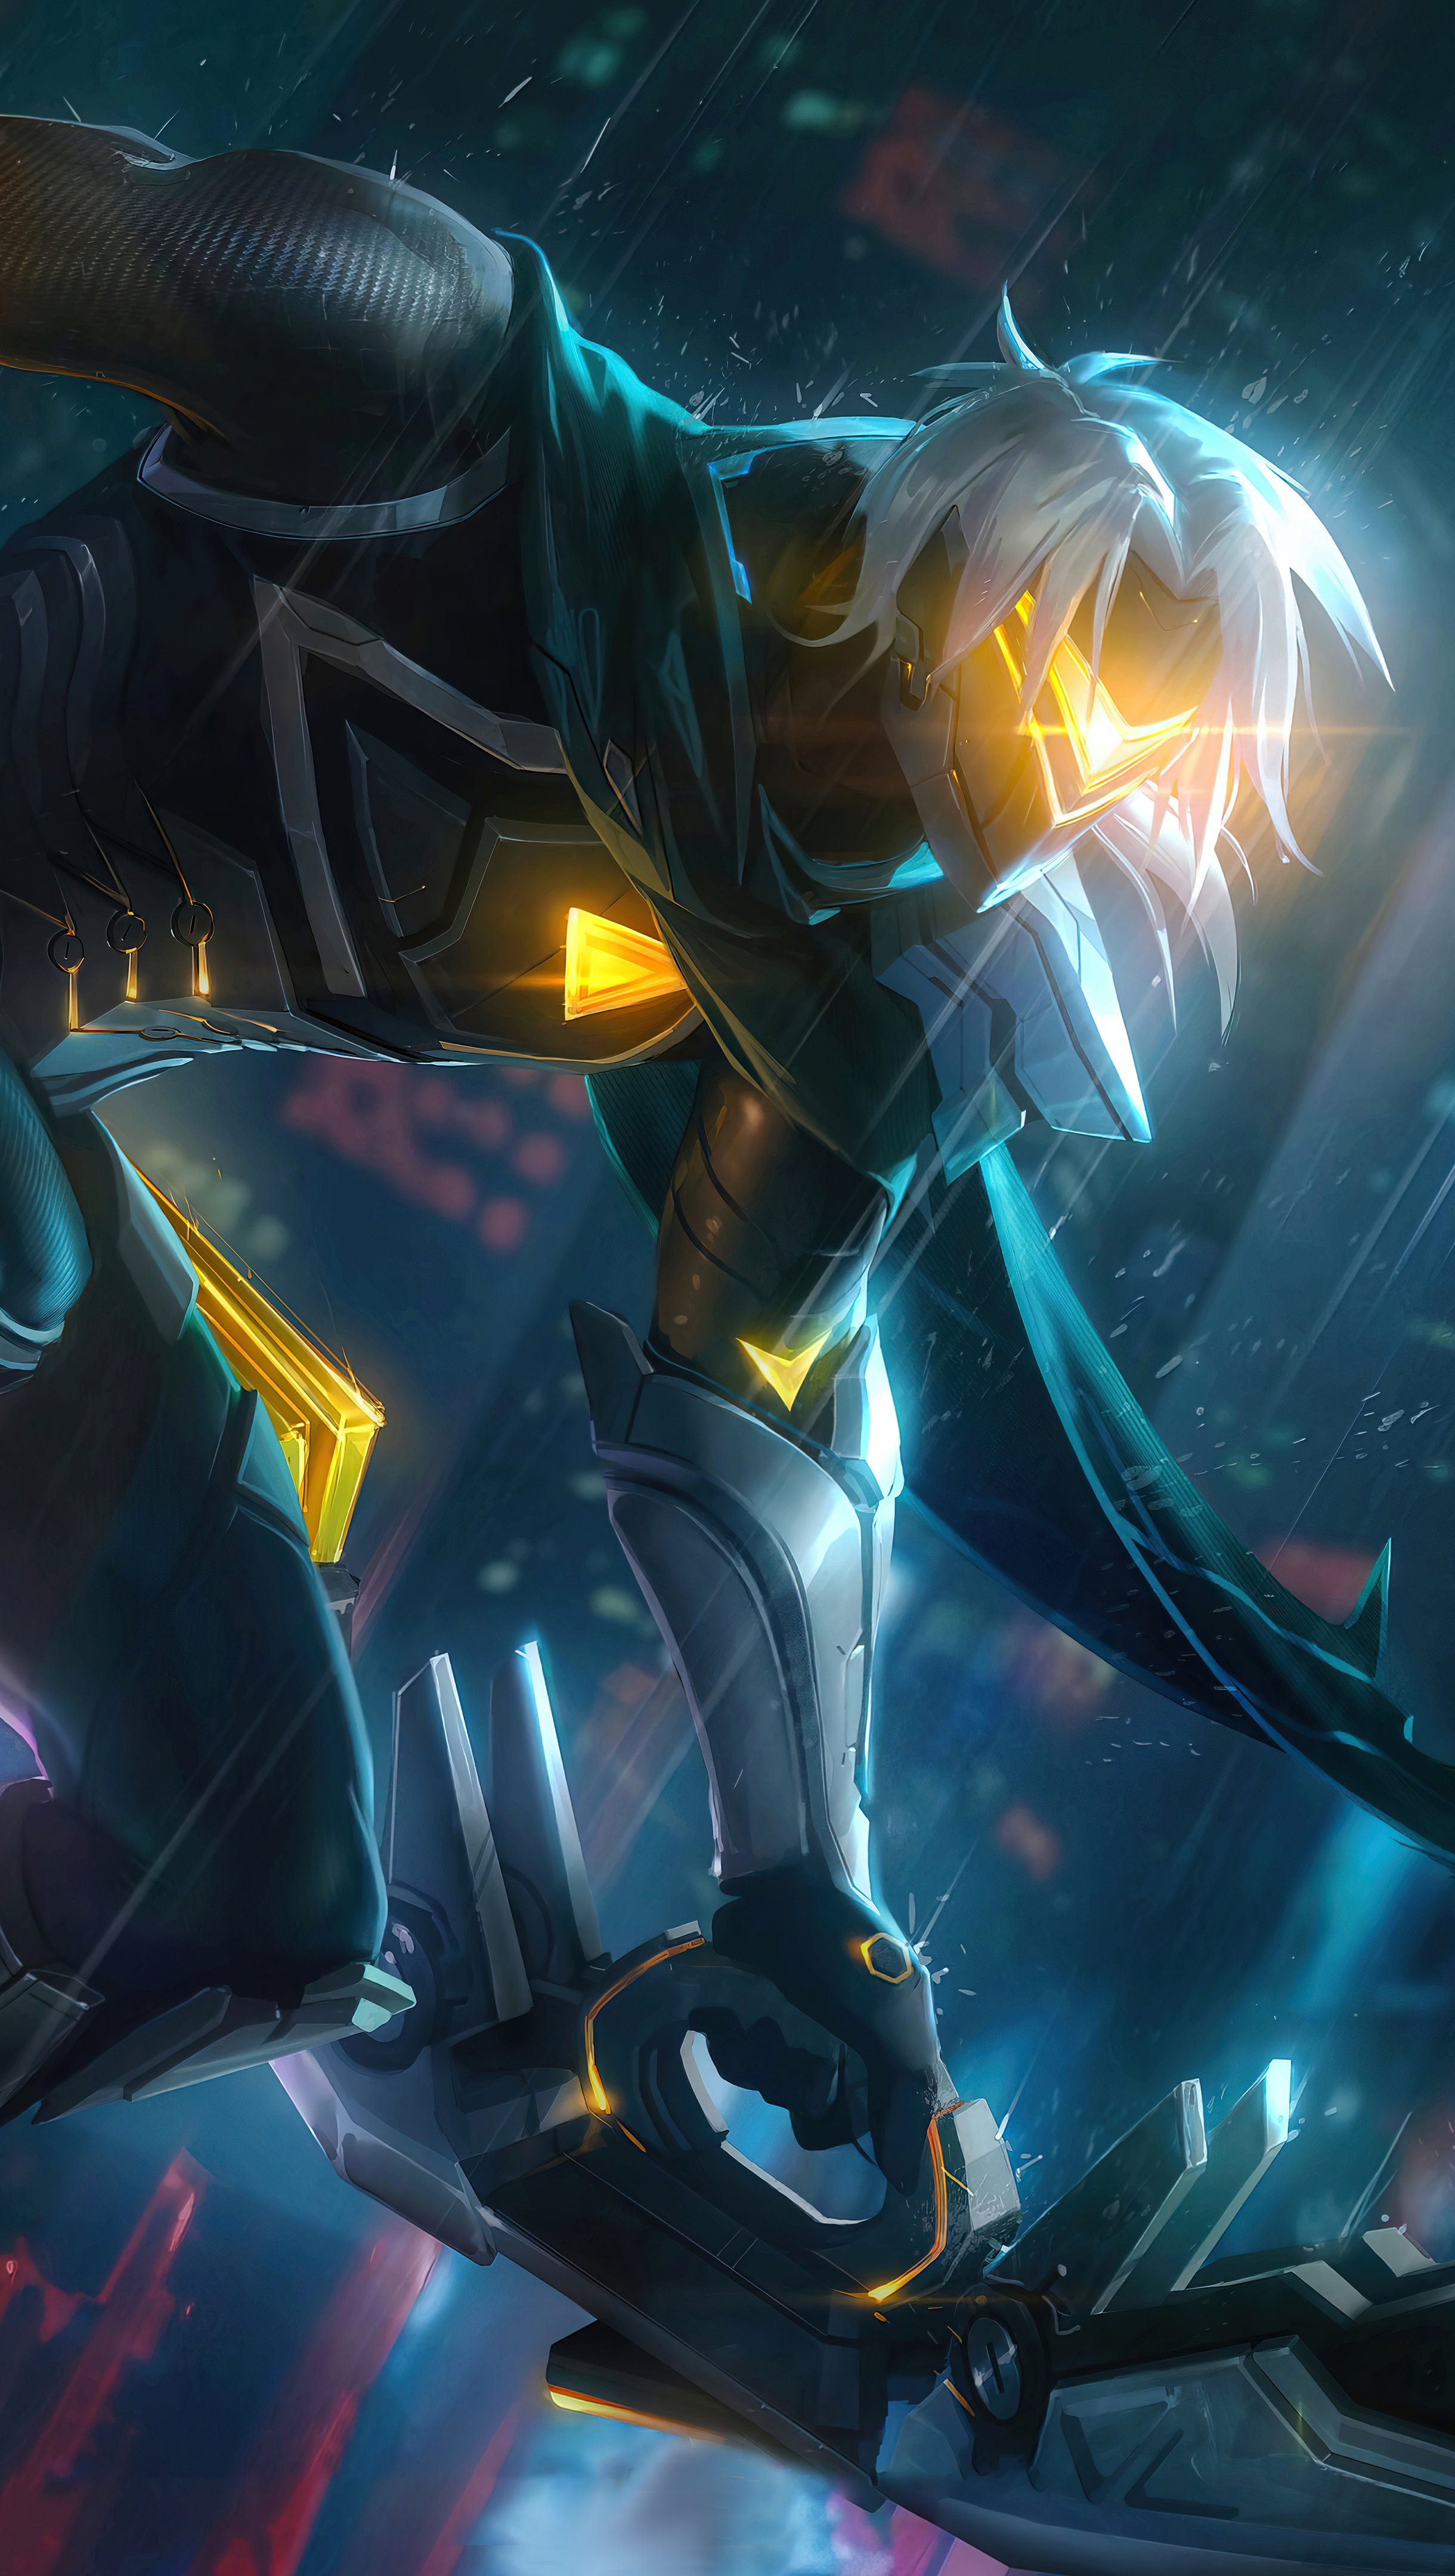 Fondos de pantalla Varus Project League of Legends Vertical